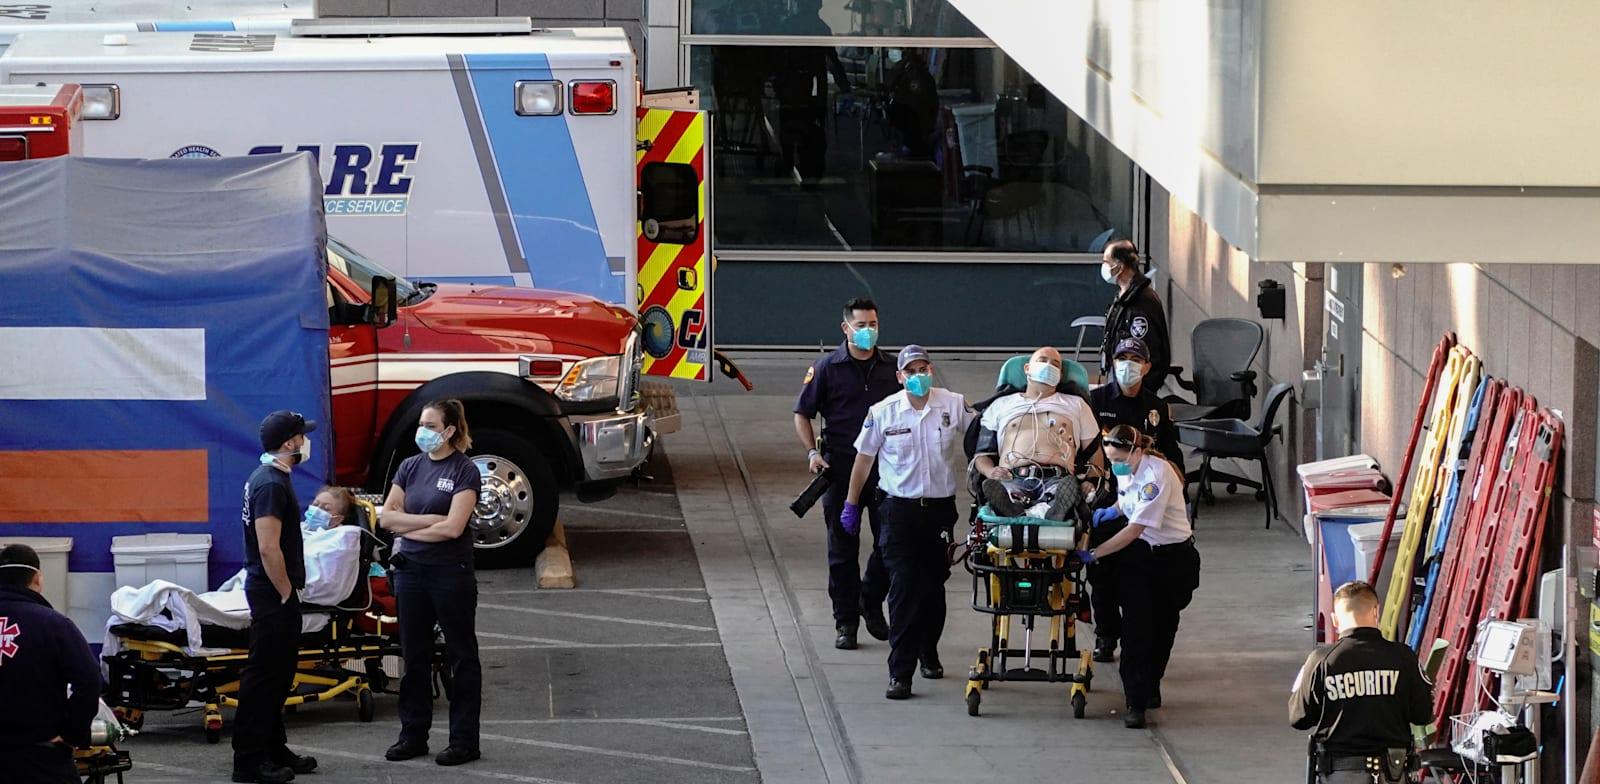 כניסה לחדר טיפול נמרץ בלוס אנג'לס. לפי הערכות, אחד מכל 17 תושבי העיר חולה בקורונה / צילום: Reuters, BING GUAN